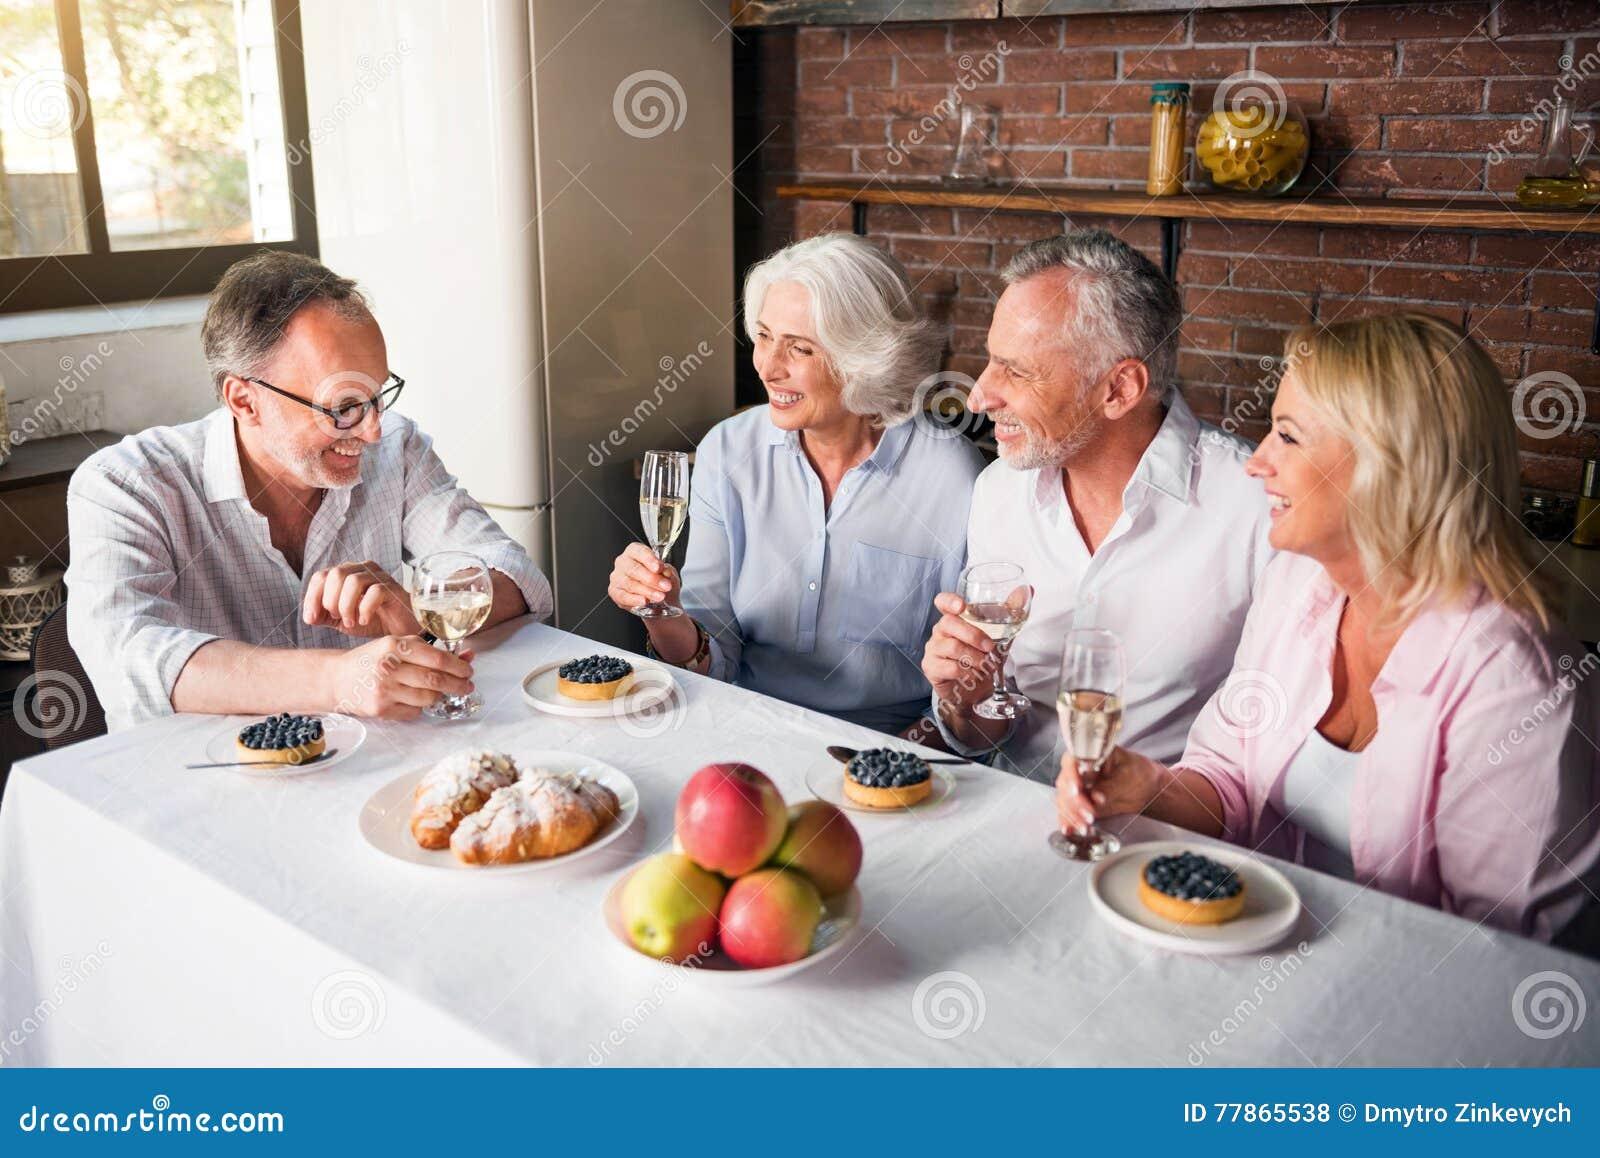 Tavolo Compleanno Uomo : Festa di compleanno del recipiente anziano dell uomo la cucina